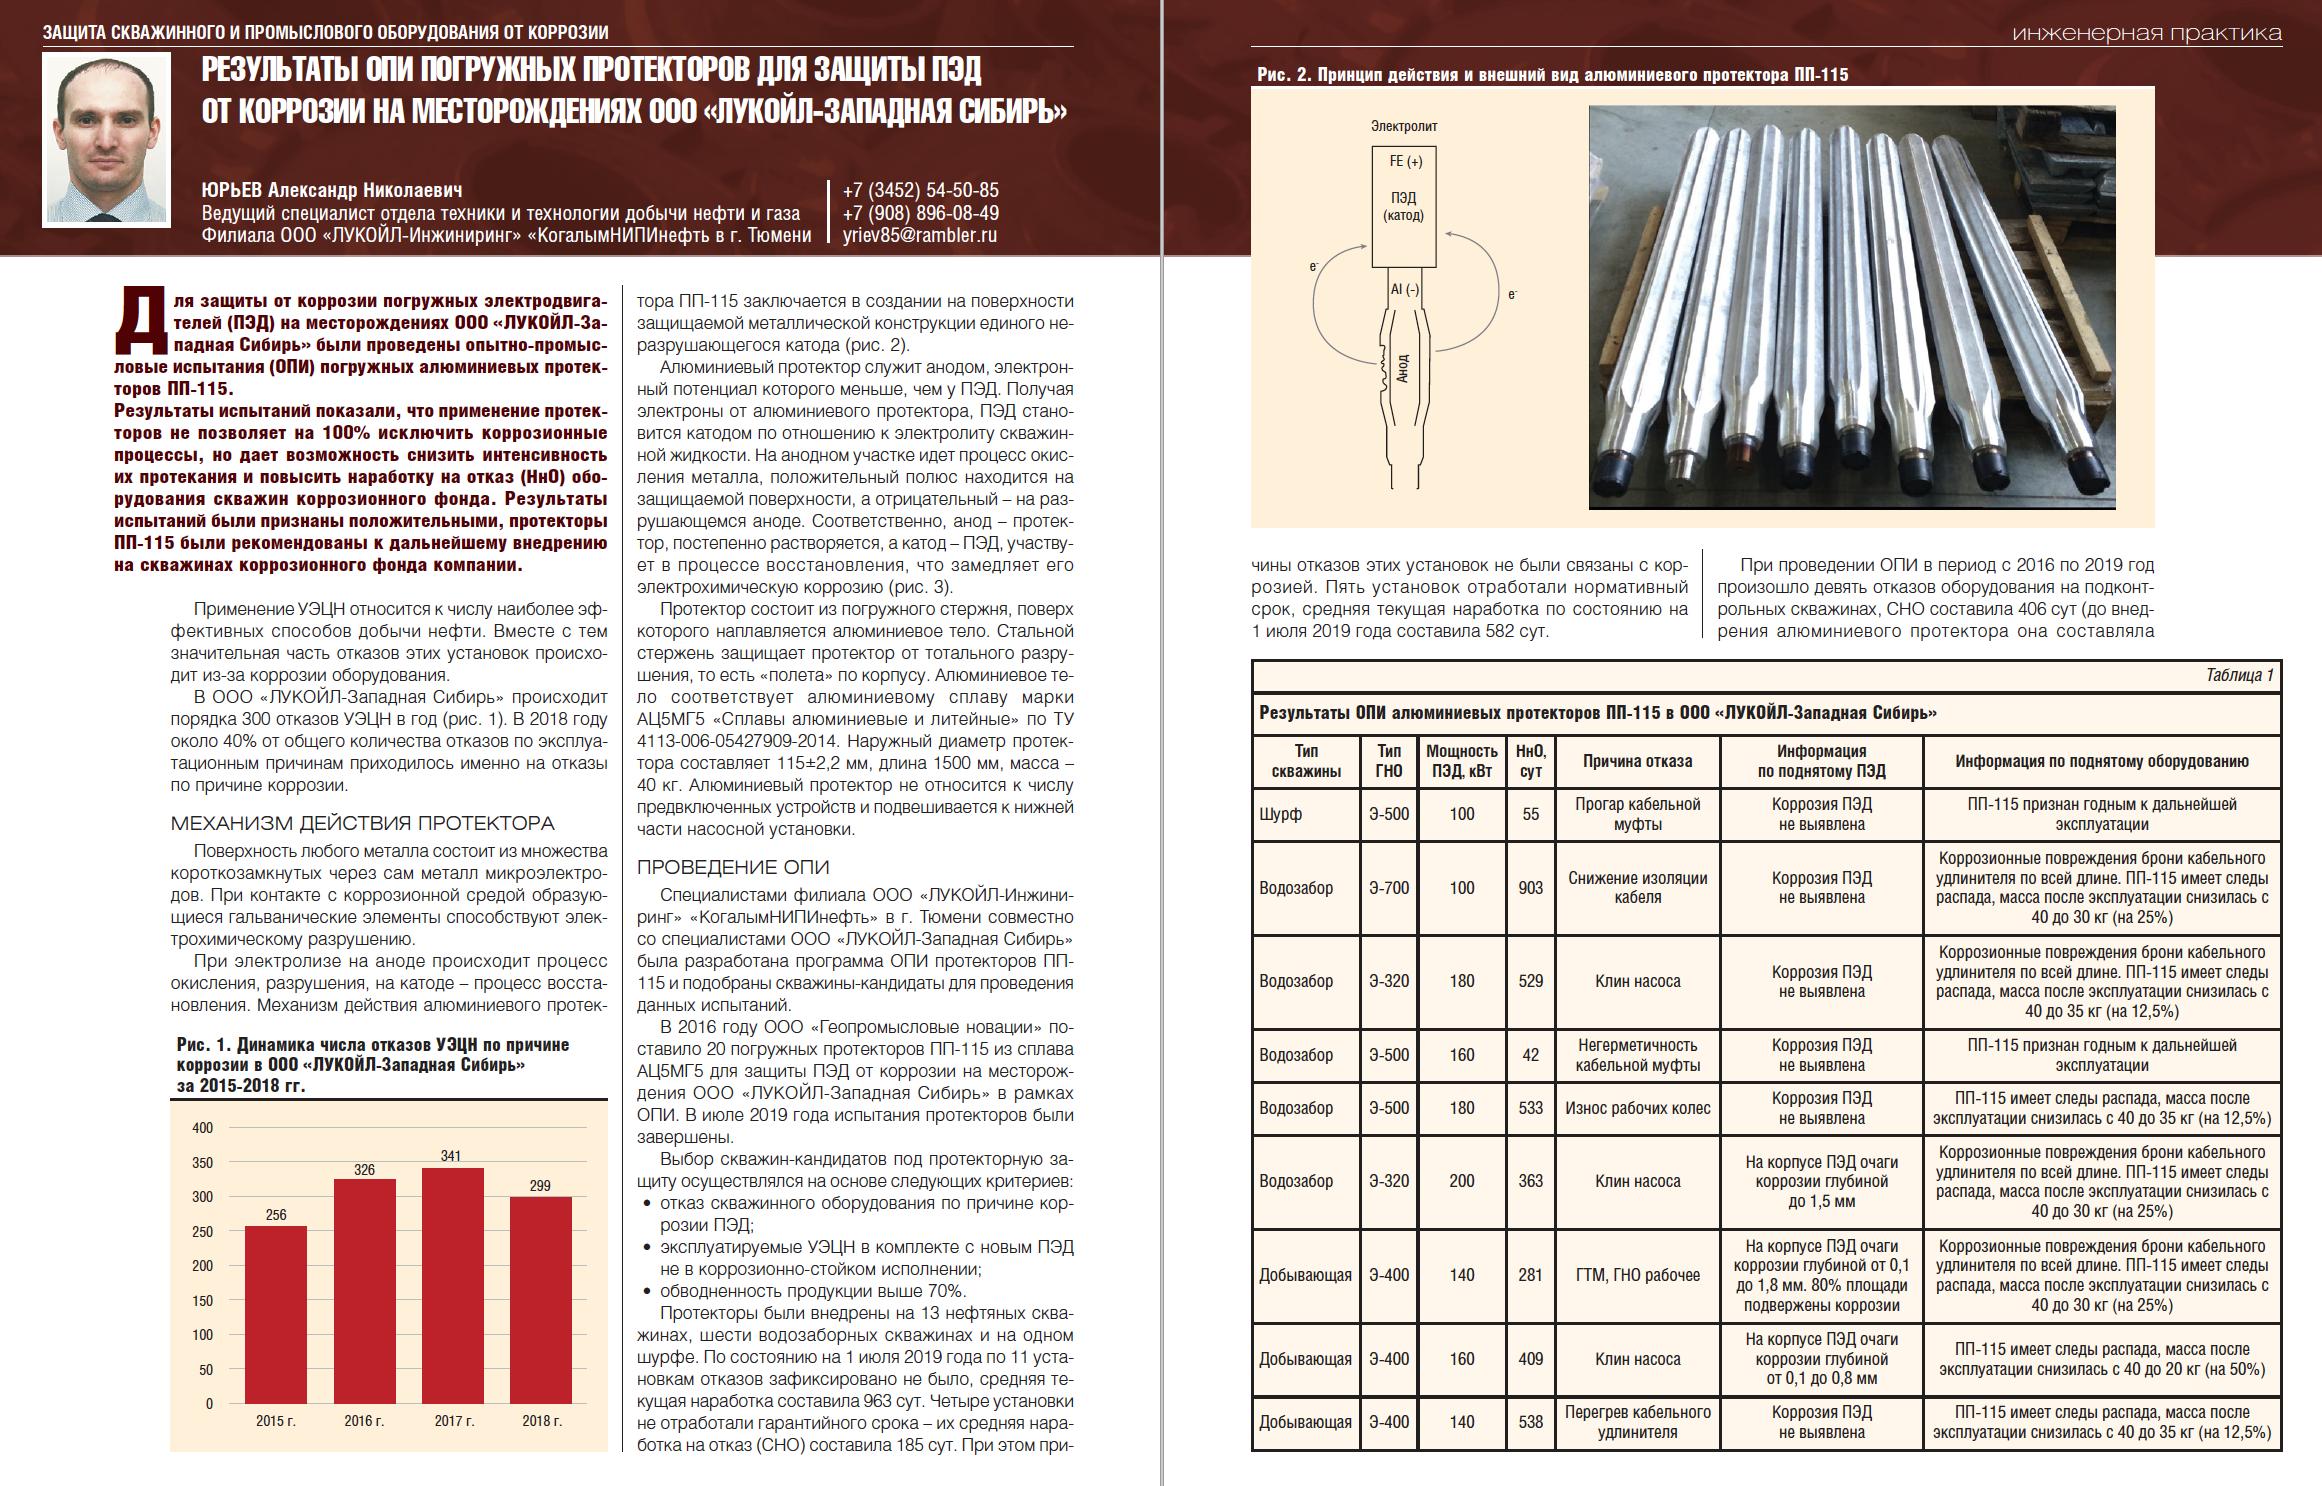 33606 Результаты ОПИ погружных протекторов для защиты ПЭД от коррозии на месторождениях ООО «ЛУКОЙЛ-Западная Сибирь»